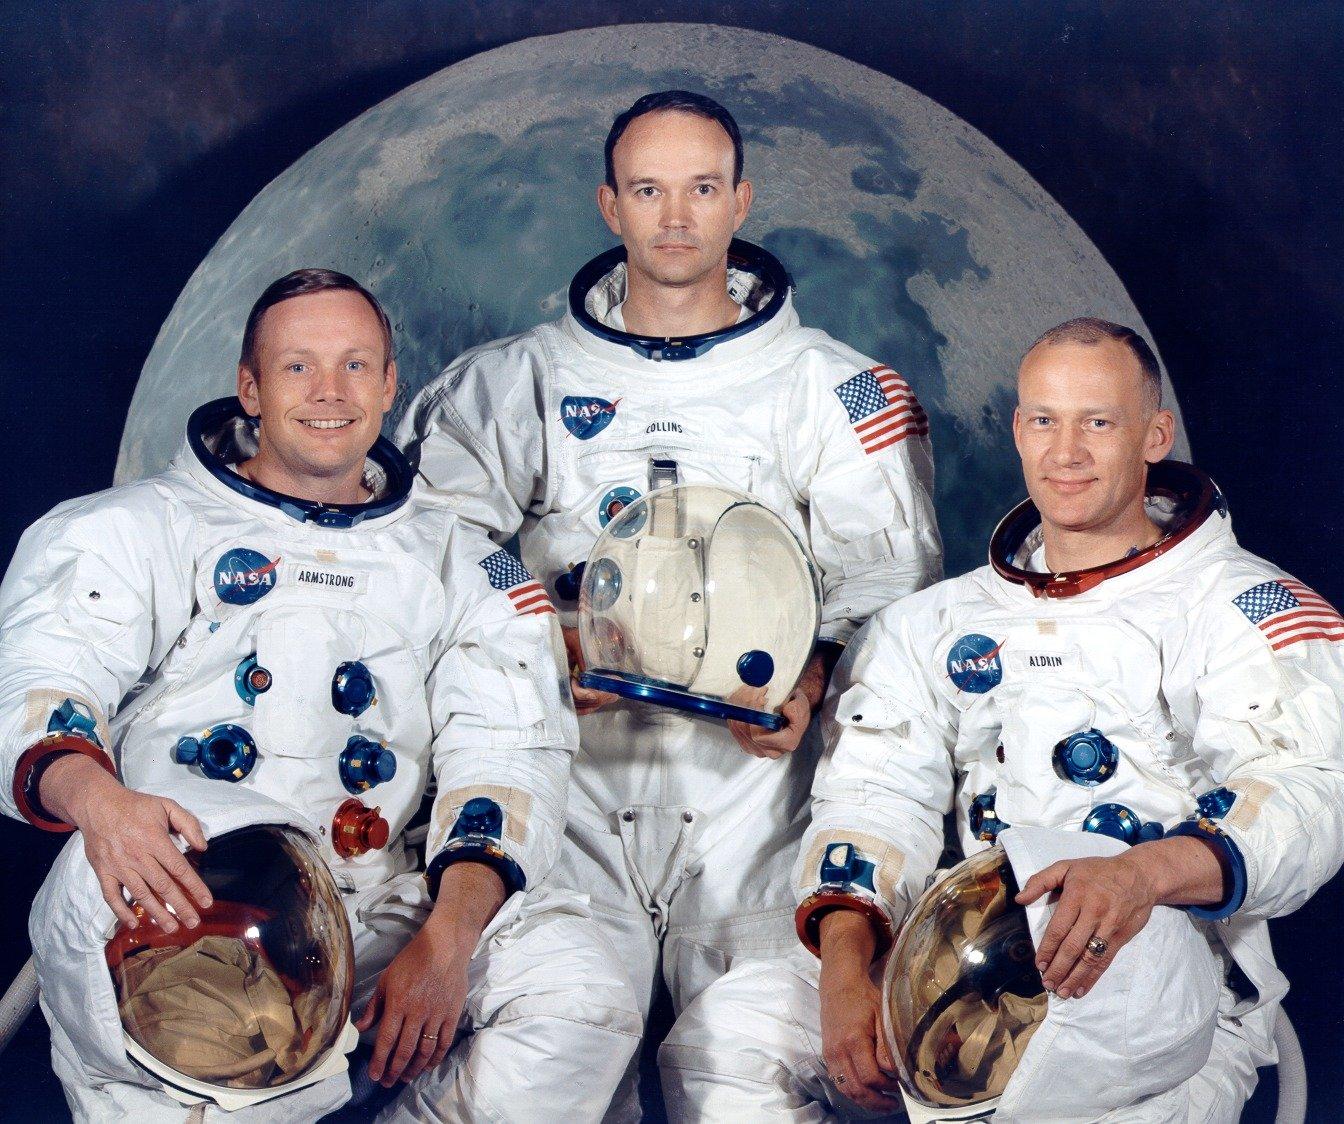 The Crew of Apollo 11, 1969. Courtesy of NASA.